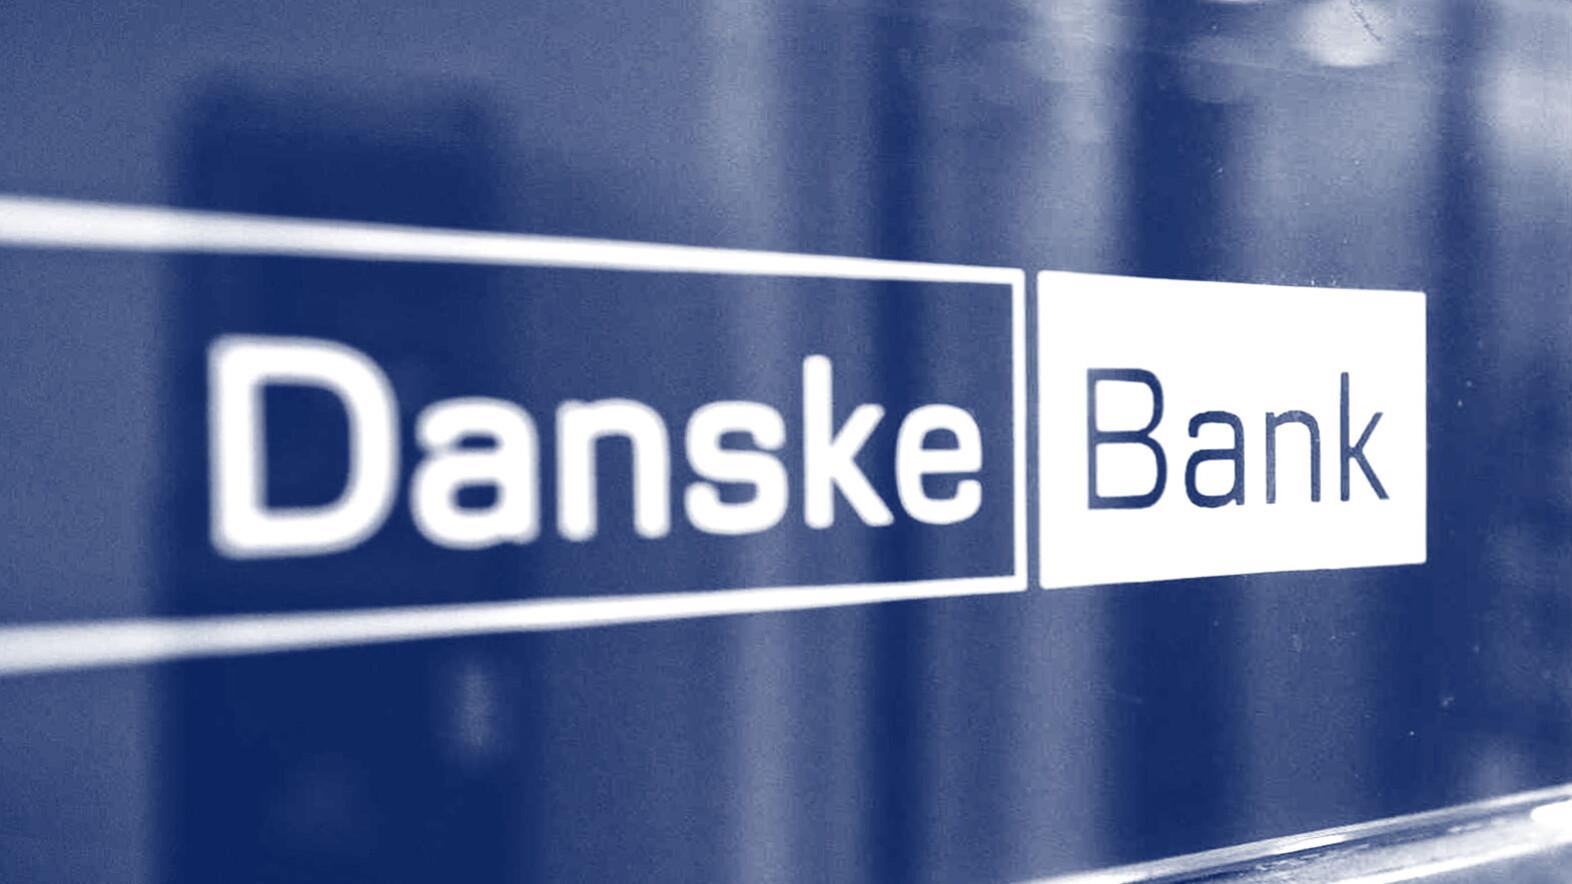 Trods møgsager: Danske Bank øger milliardoverskuddet   Penge   DR